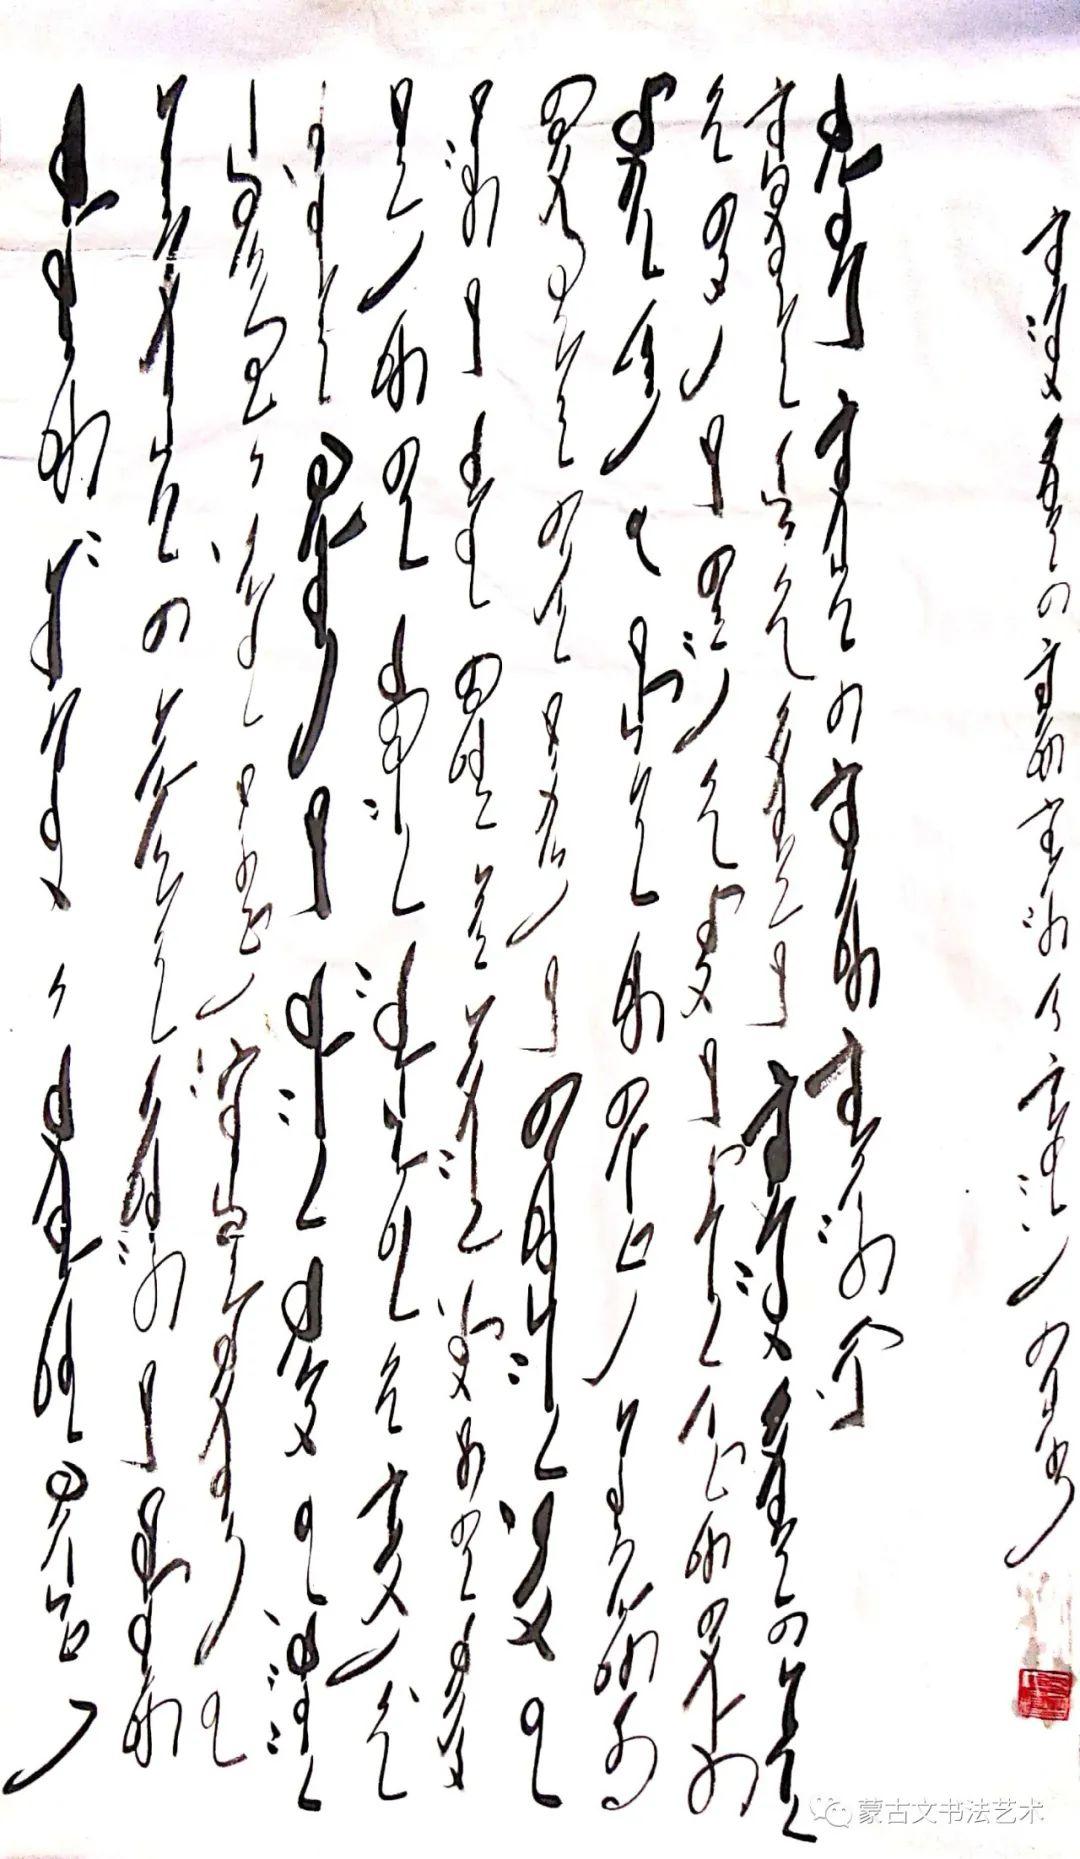 哈斯巴根蒙古文书法 第8张